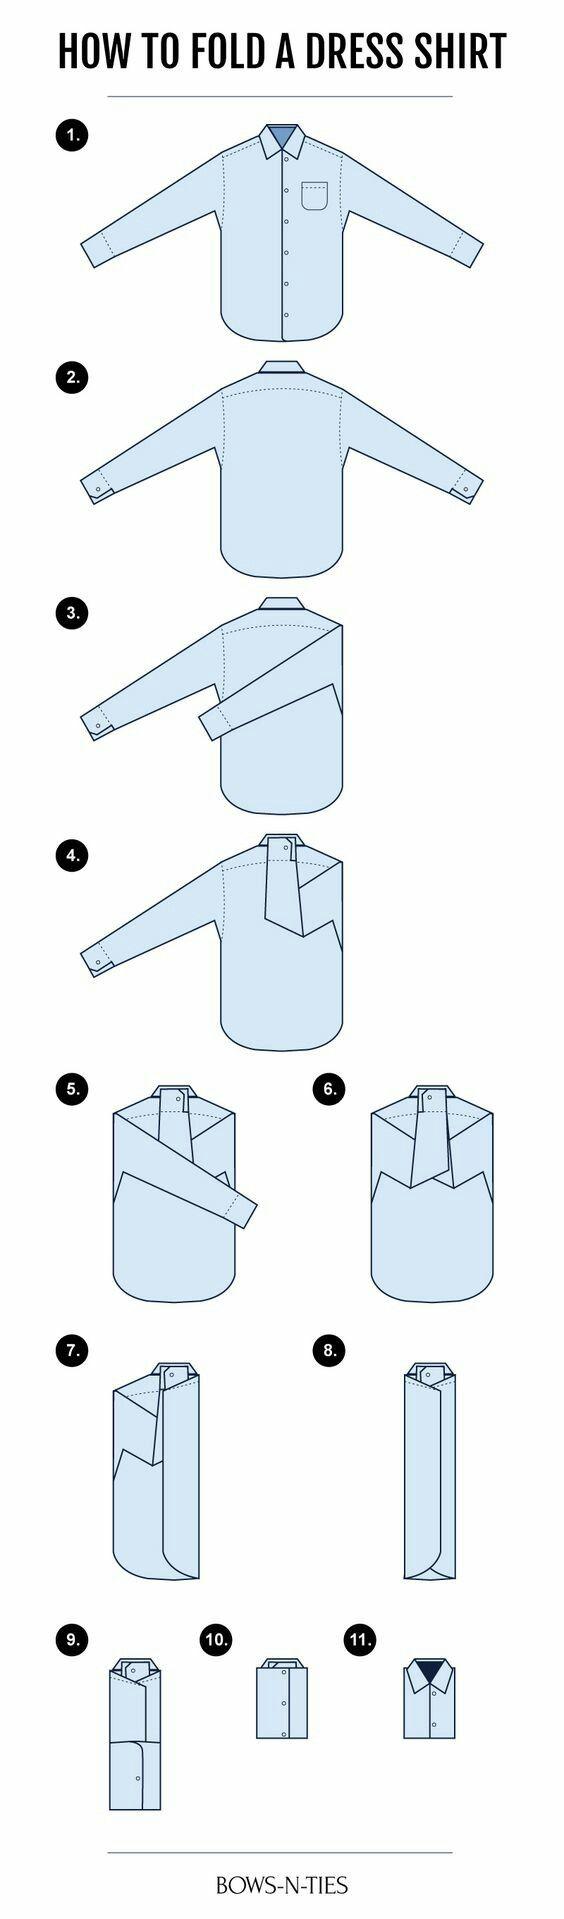 Как сложить рубашку для подарка 87